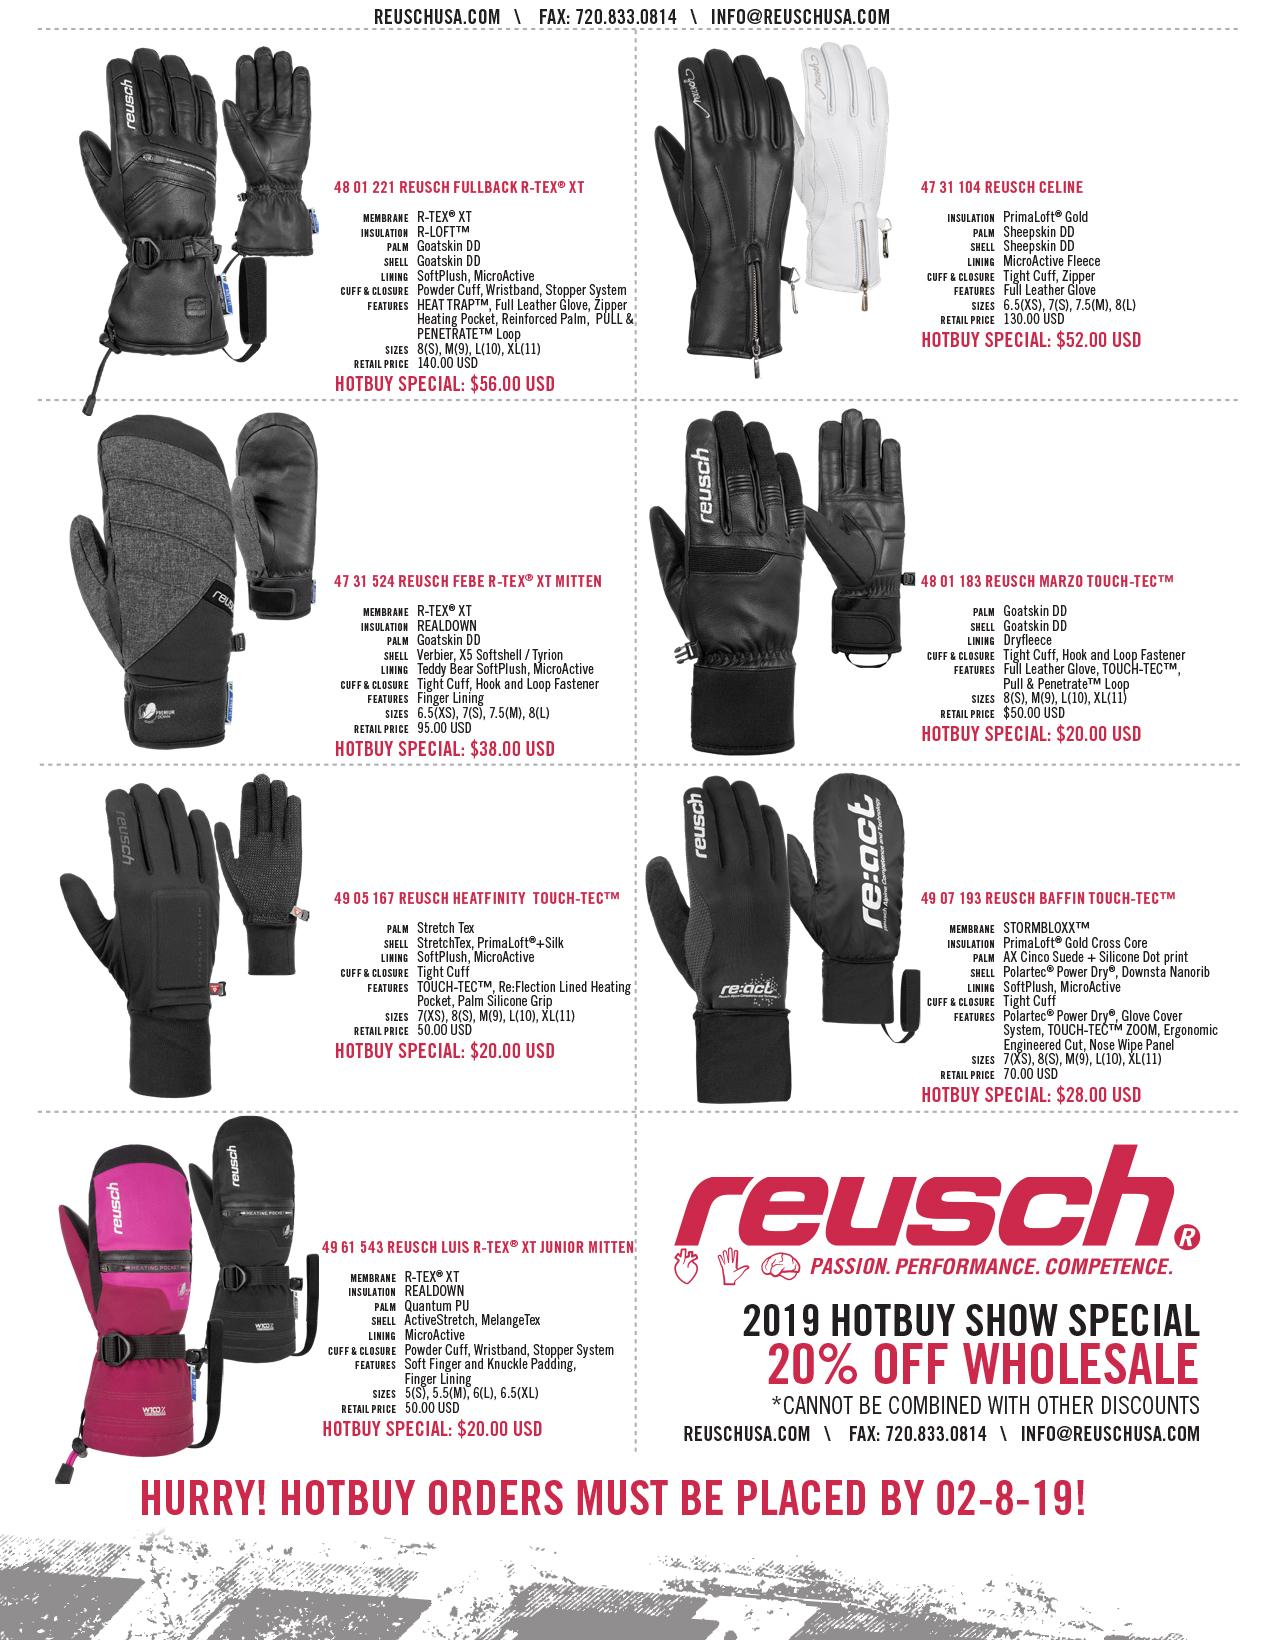 HOTBUY_Reusch_Ski Flyer_V2 01-18-19-pg2.jpg